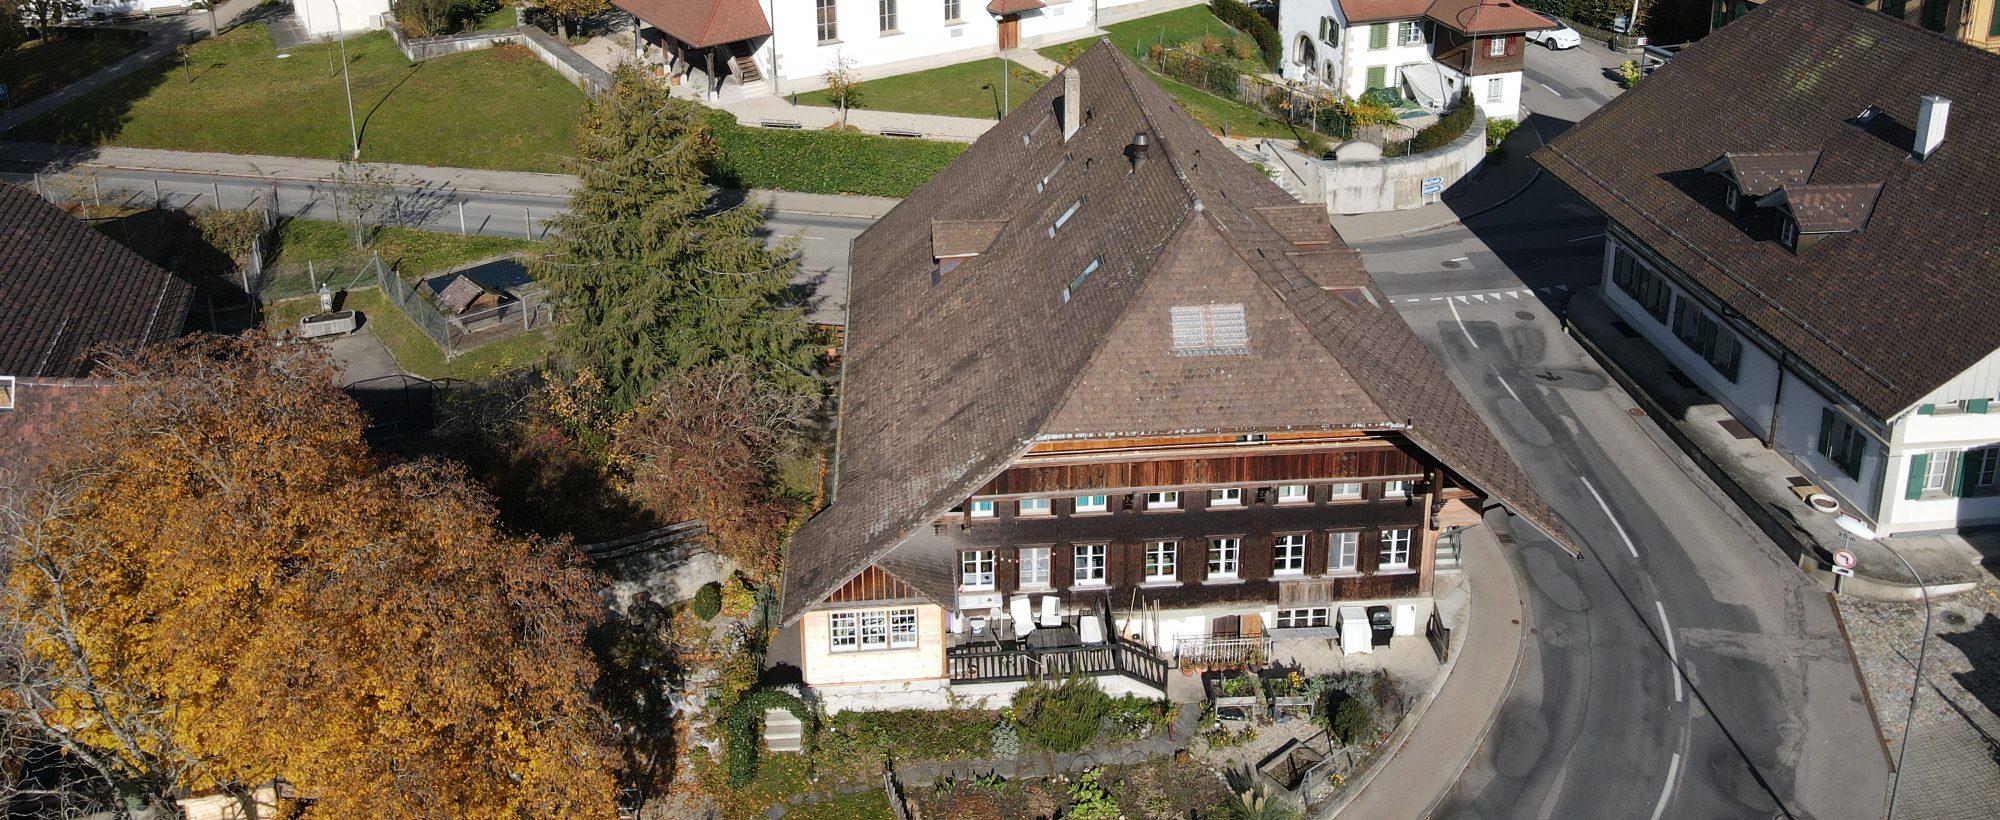 Generationenhaus Sumiswald